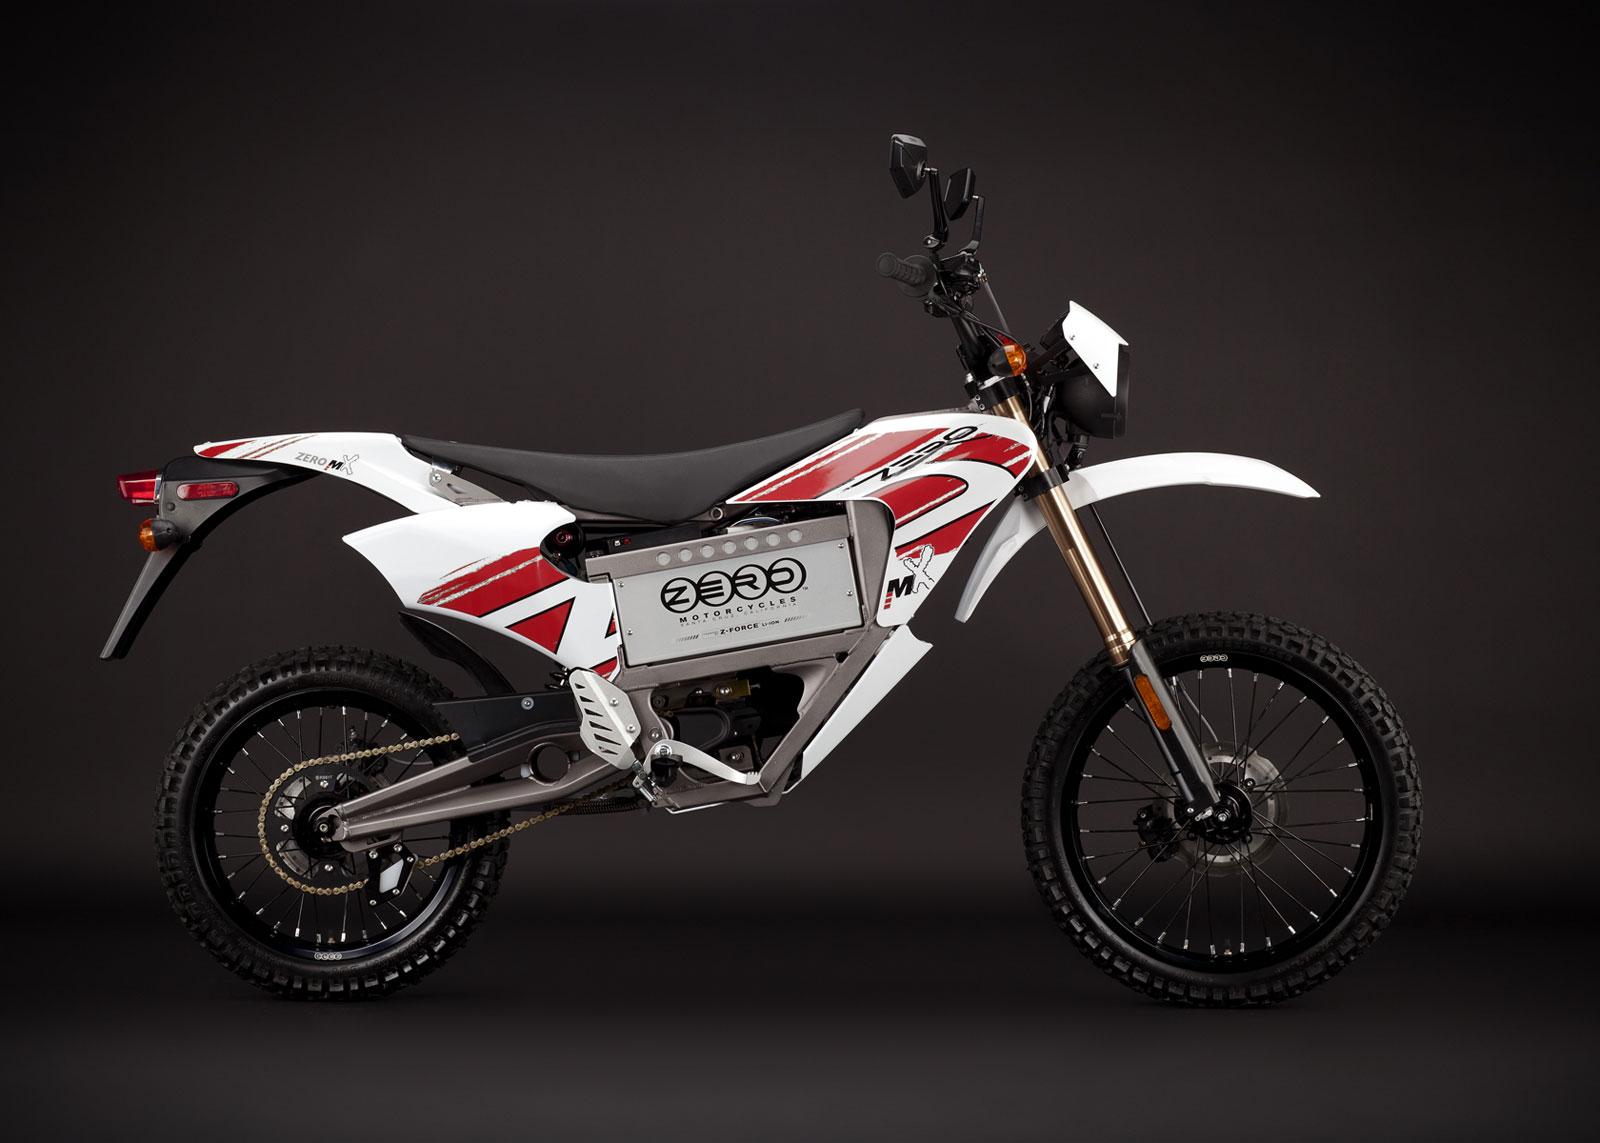 2011 Zero MX